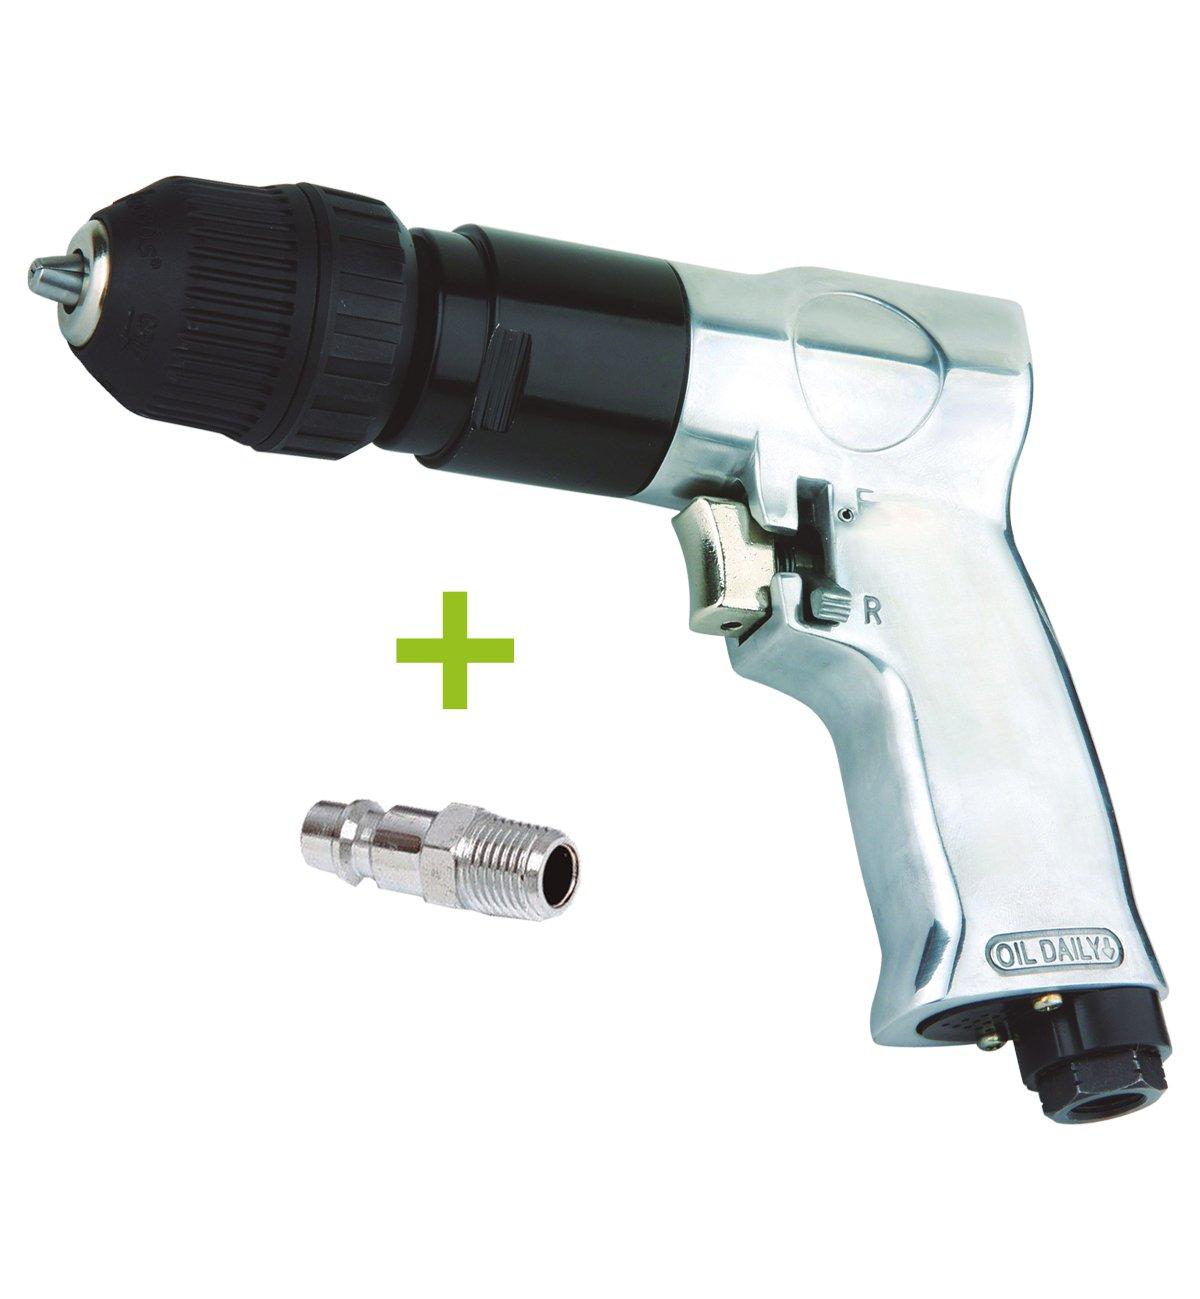 Perceuse pneumatique ré versible automatique de 10 mm pour compresseur d' air avec raccord mâ le de 1/4' 18 000 tr/min RZ